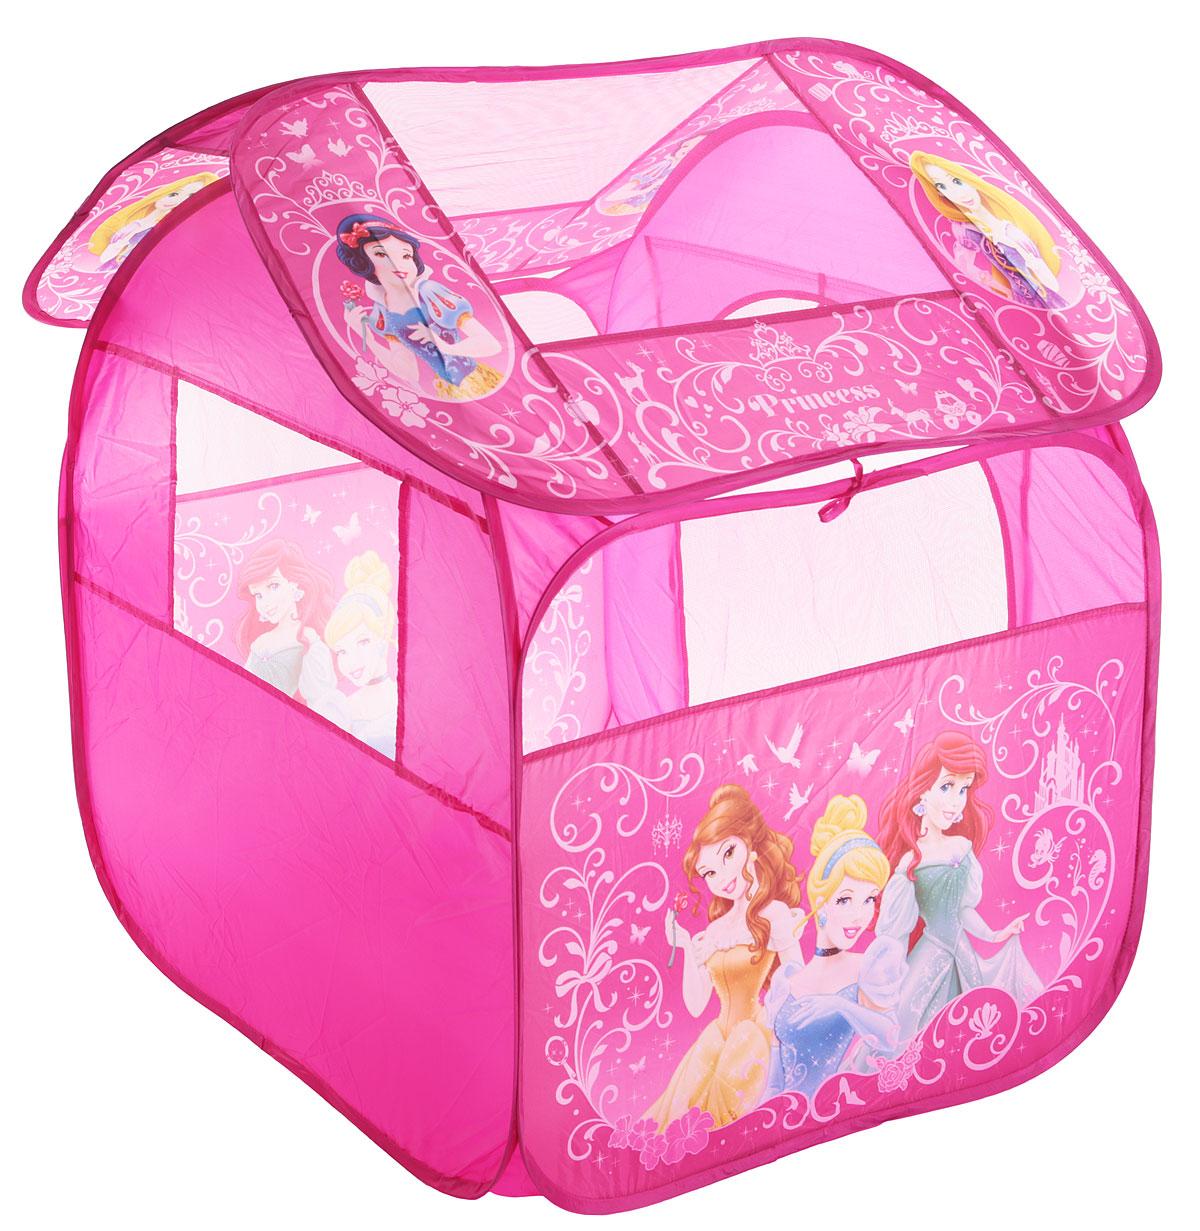 Играем вместе Детская игровая палатка Принцессы Дисней 105 х 83 х 80 см - Игры на открытом воздухе